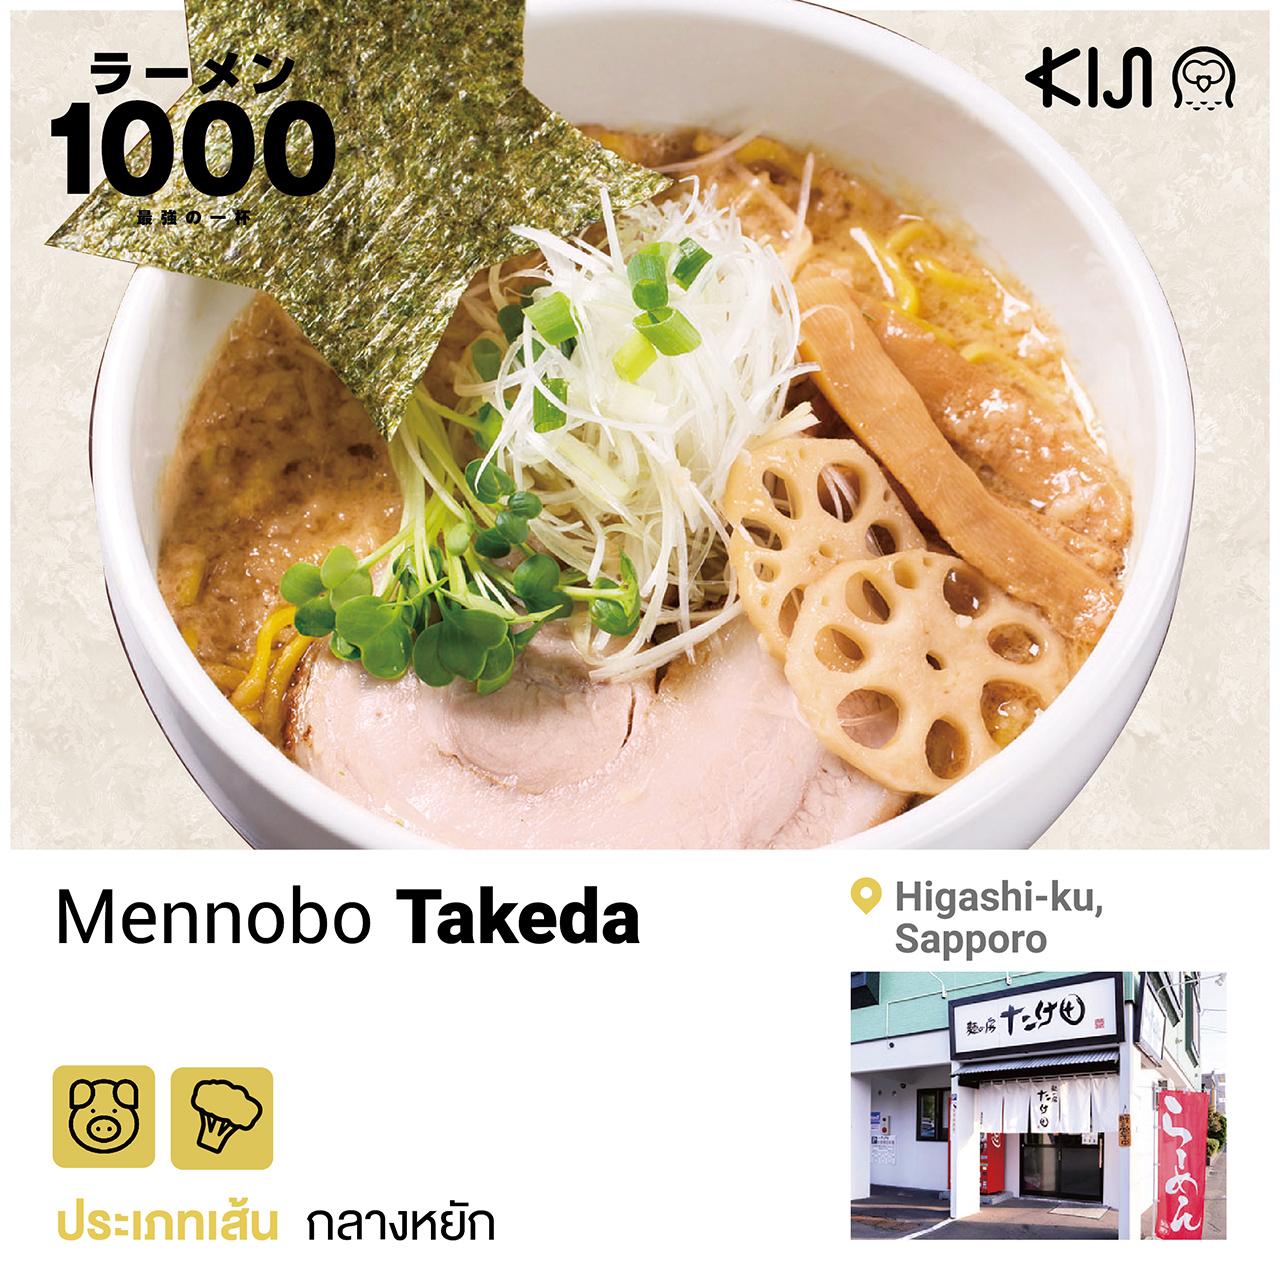 ร้านราเมน เขตฮิกาชิ เมืองซัปโปโร จ.ฮอกไกโด - Mennobo Takeda